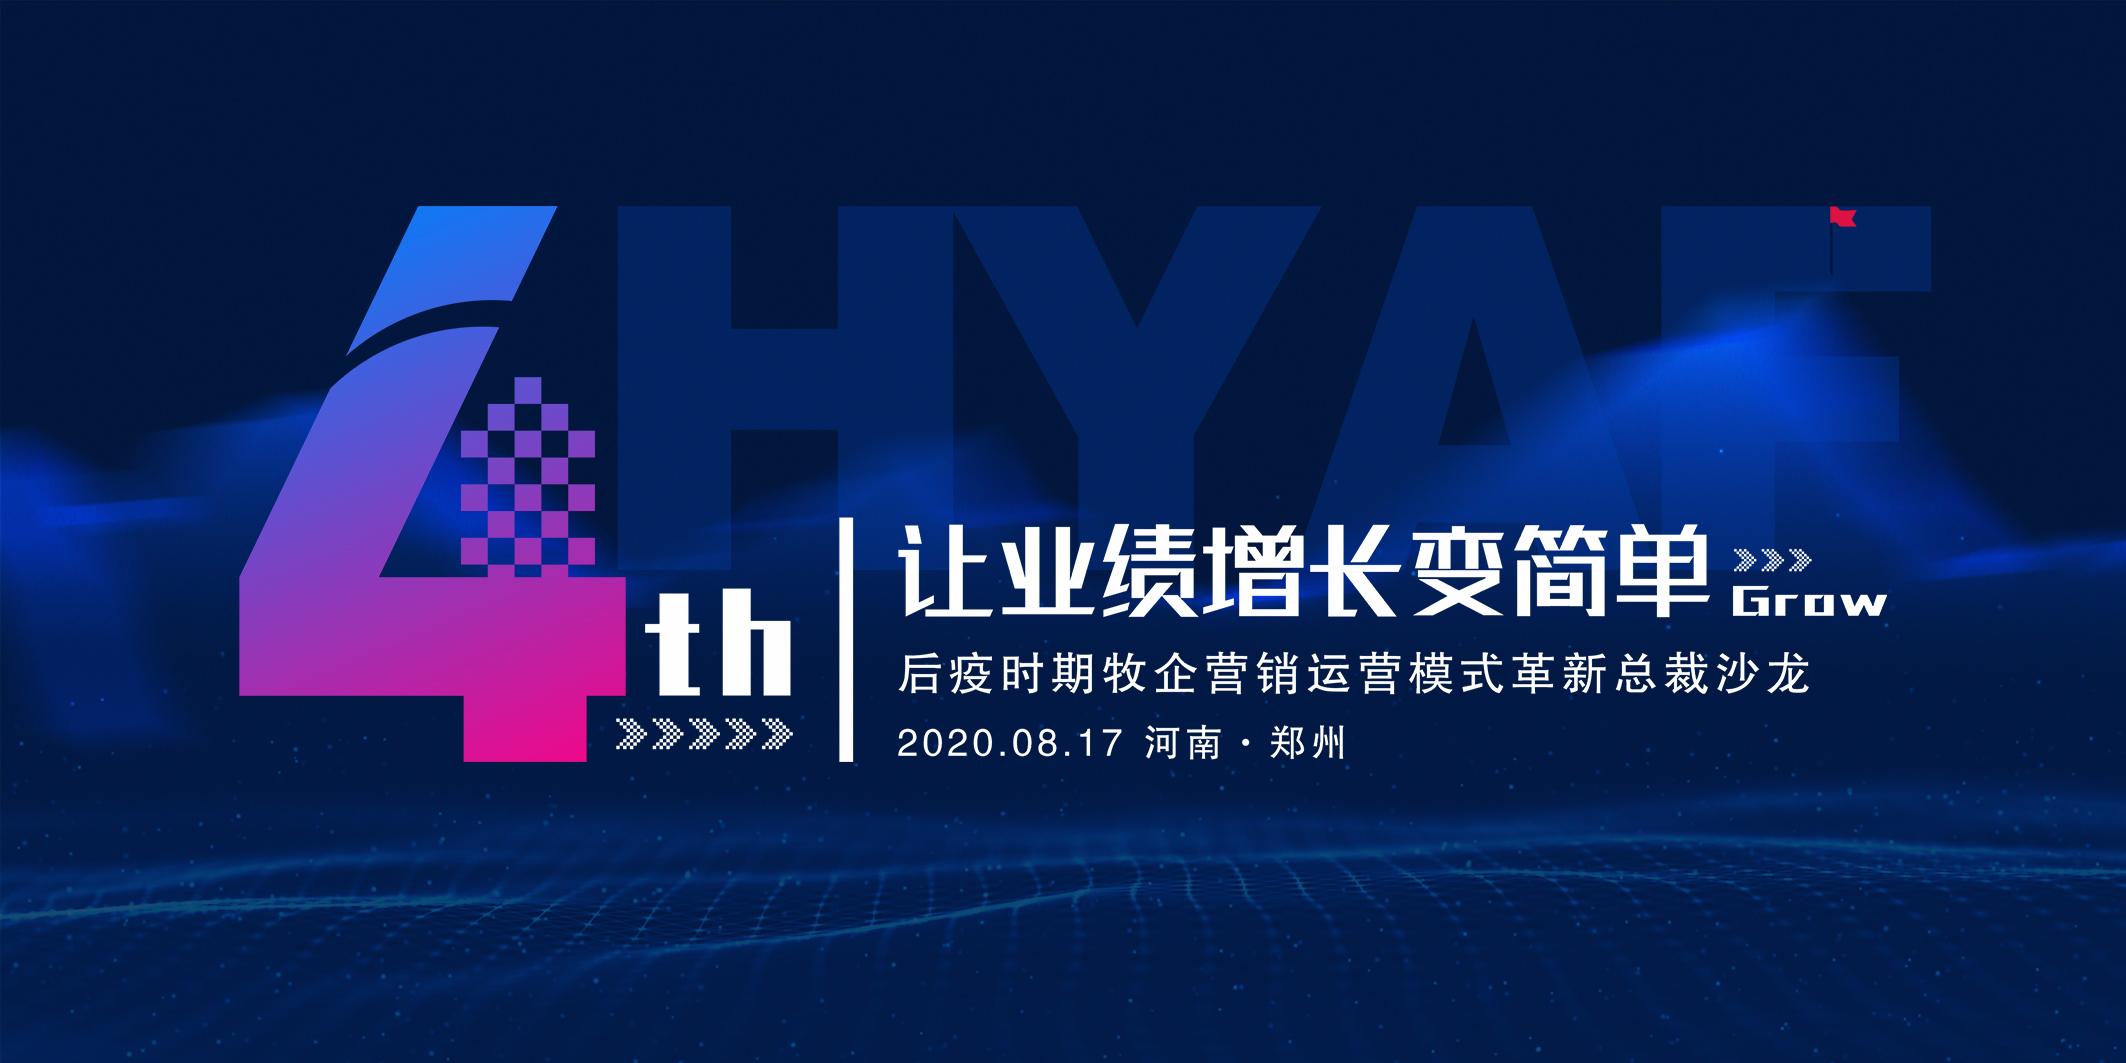 第四期牧业家总裁沙龙会将于8.17日河南郑州盛大起航